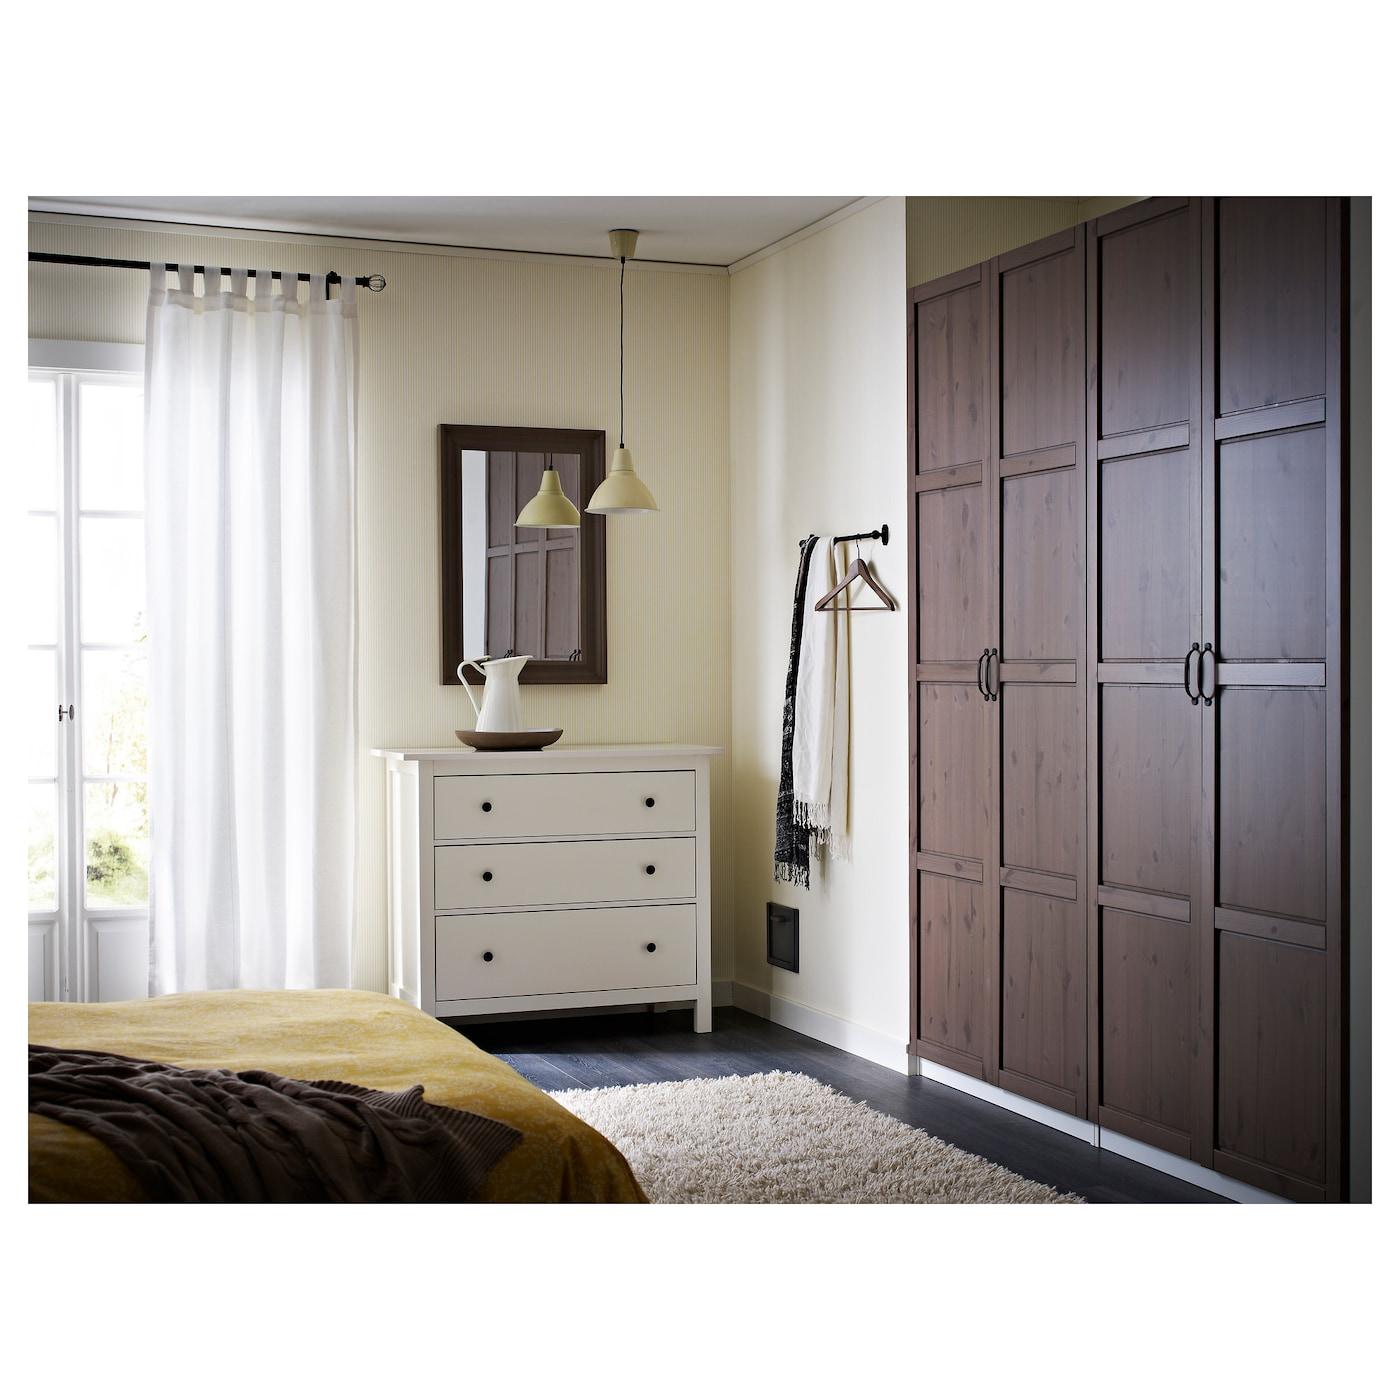 pax armoire penderie brun noir hemnes brun noir 200x60x236 cm ikea. Black Bedroom Furniture Sets. Home Design Ideas